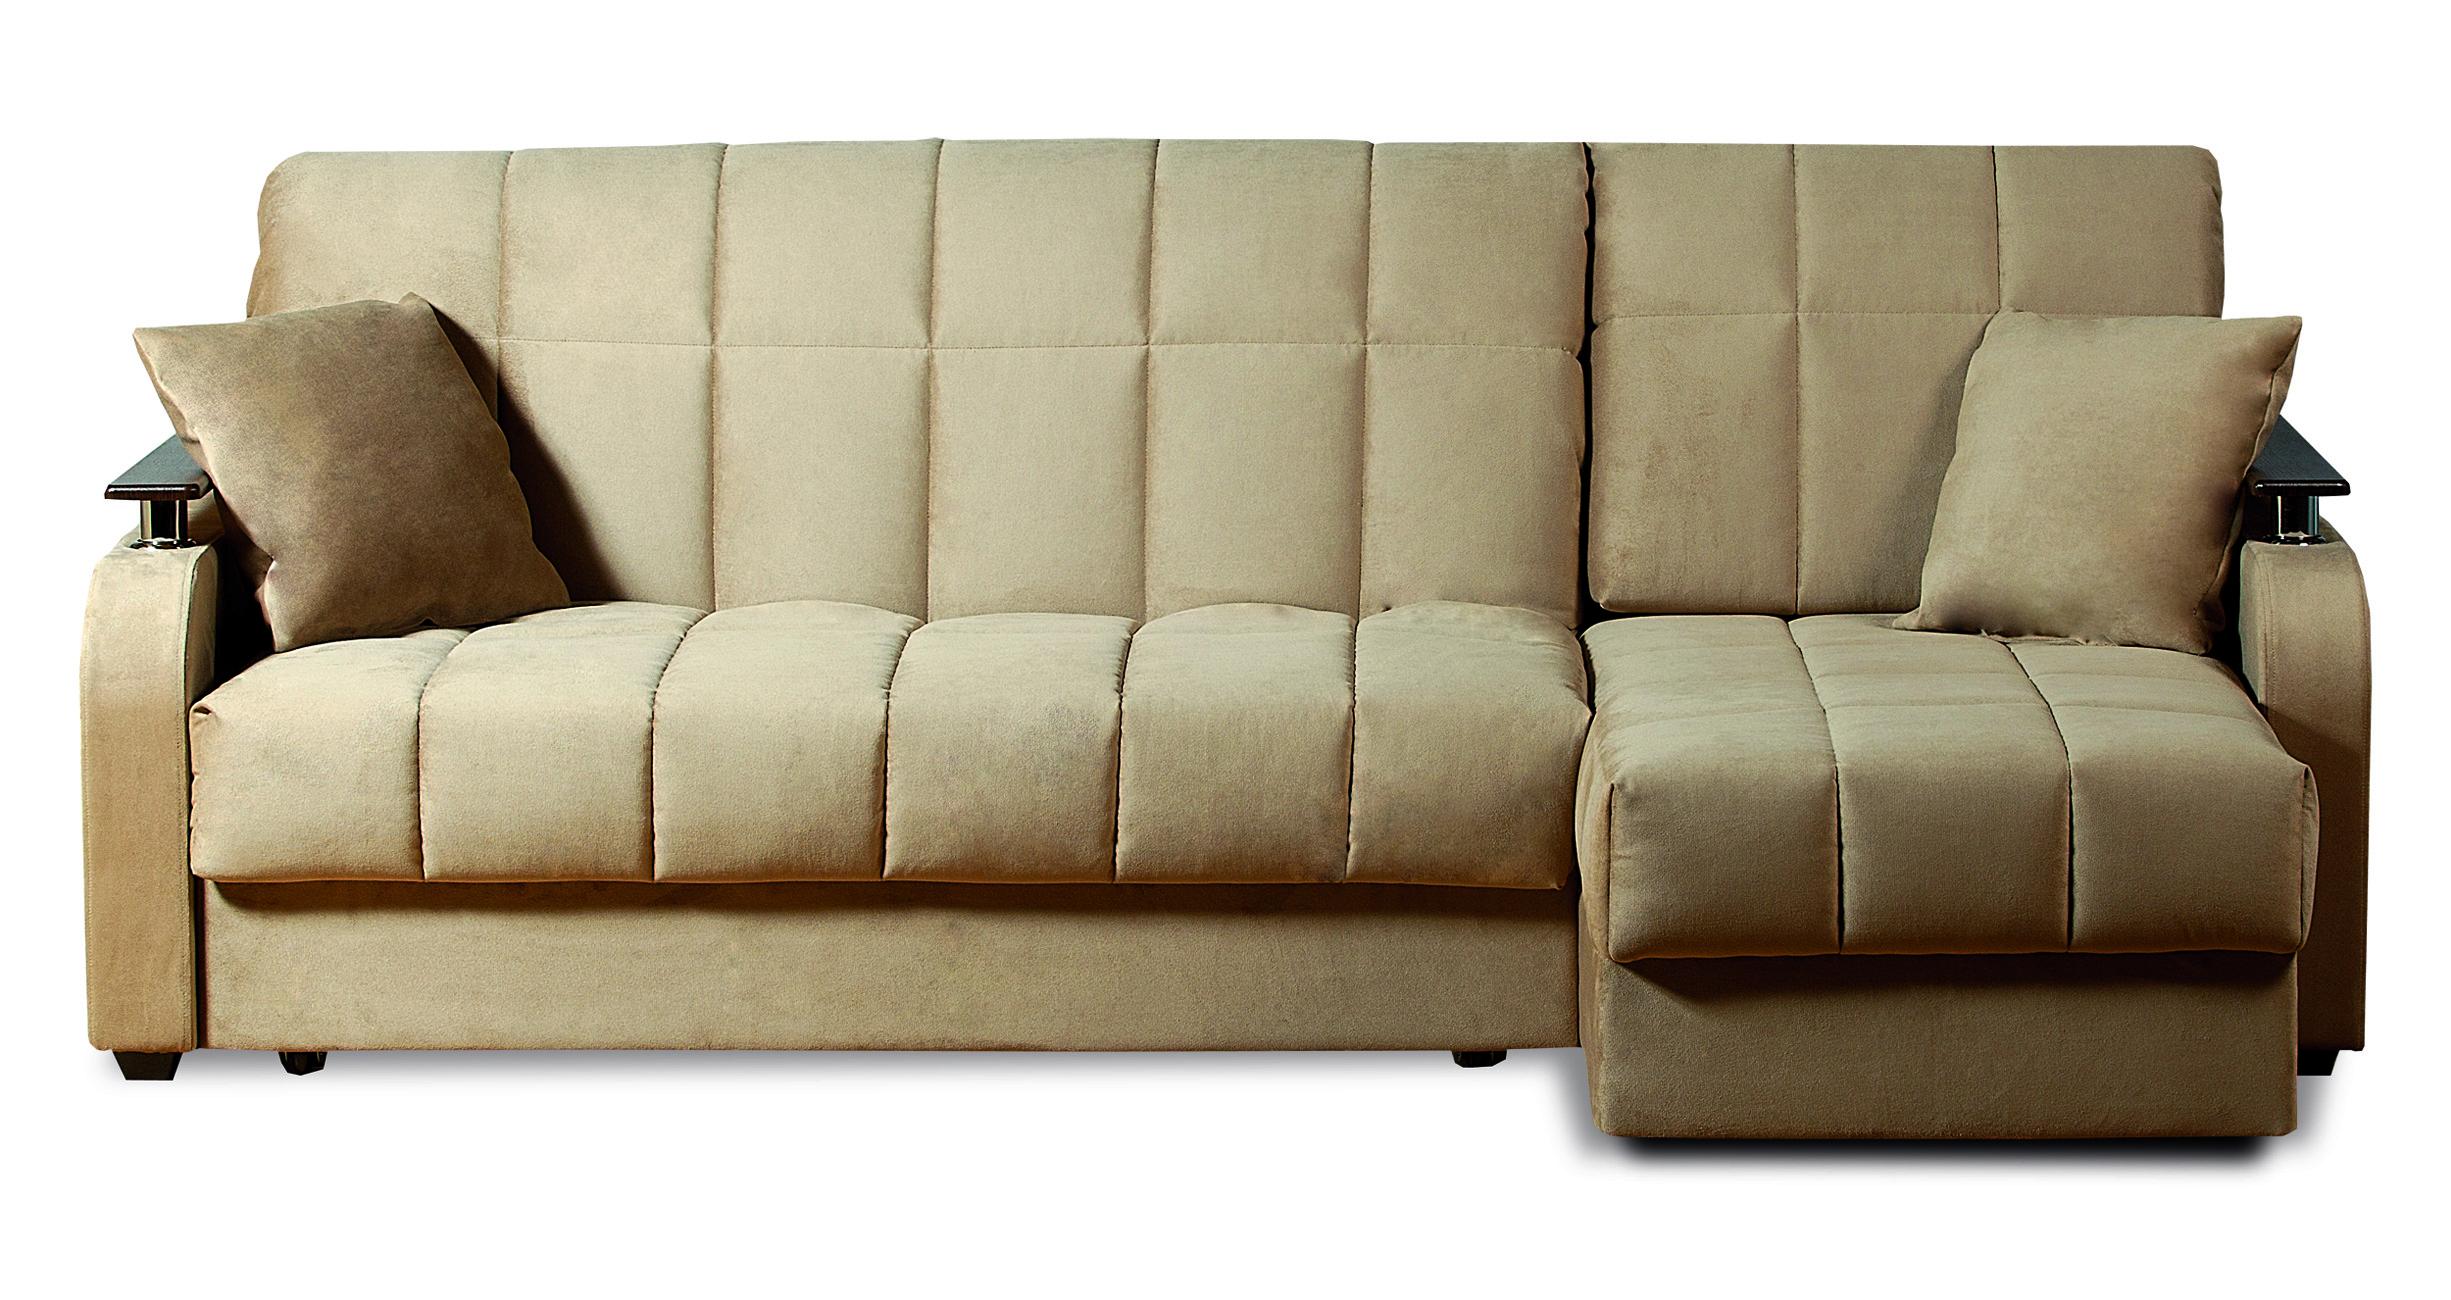 Неаполь 086 диван-кровать 3а 140-1пф угловойМягкая мебель<br>Ящик для белья: Есть&#13;Материал обивки: Ткань&#13;Длина изделия: 232 см.&#13;Высота изделия: 93 см.&#13;Глубина изделия: 150 см.&#13;Глубина спального места: 140 см.&#13;Длина спального места: 200 см.&#13;Гарантийный срок18]]&gt;<br><br>Длина мм: 0<br>Высота мм: 0<br>Глубина мм: 0